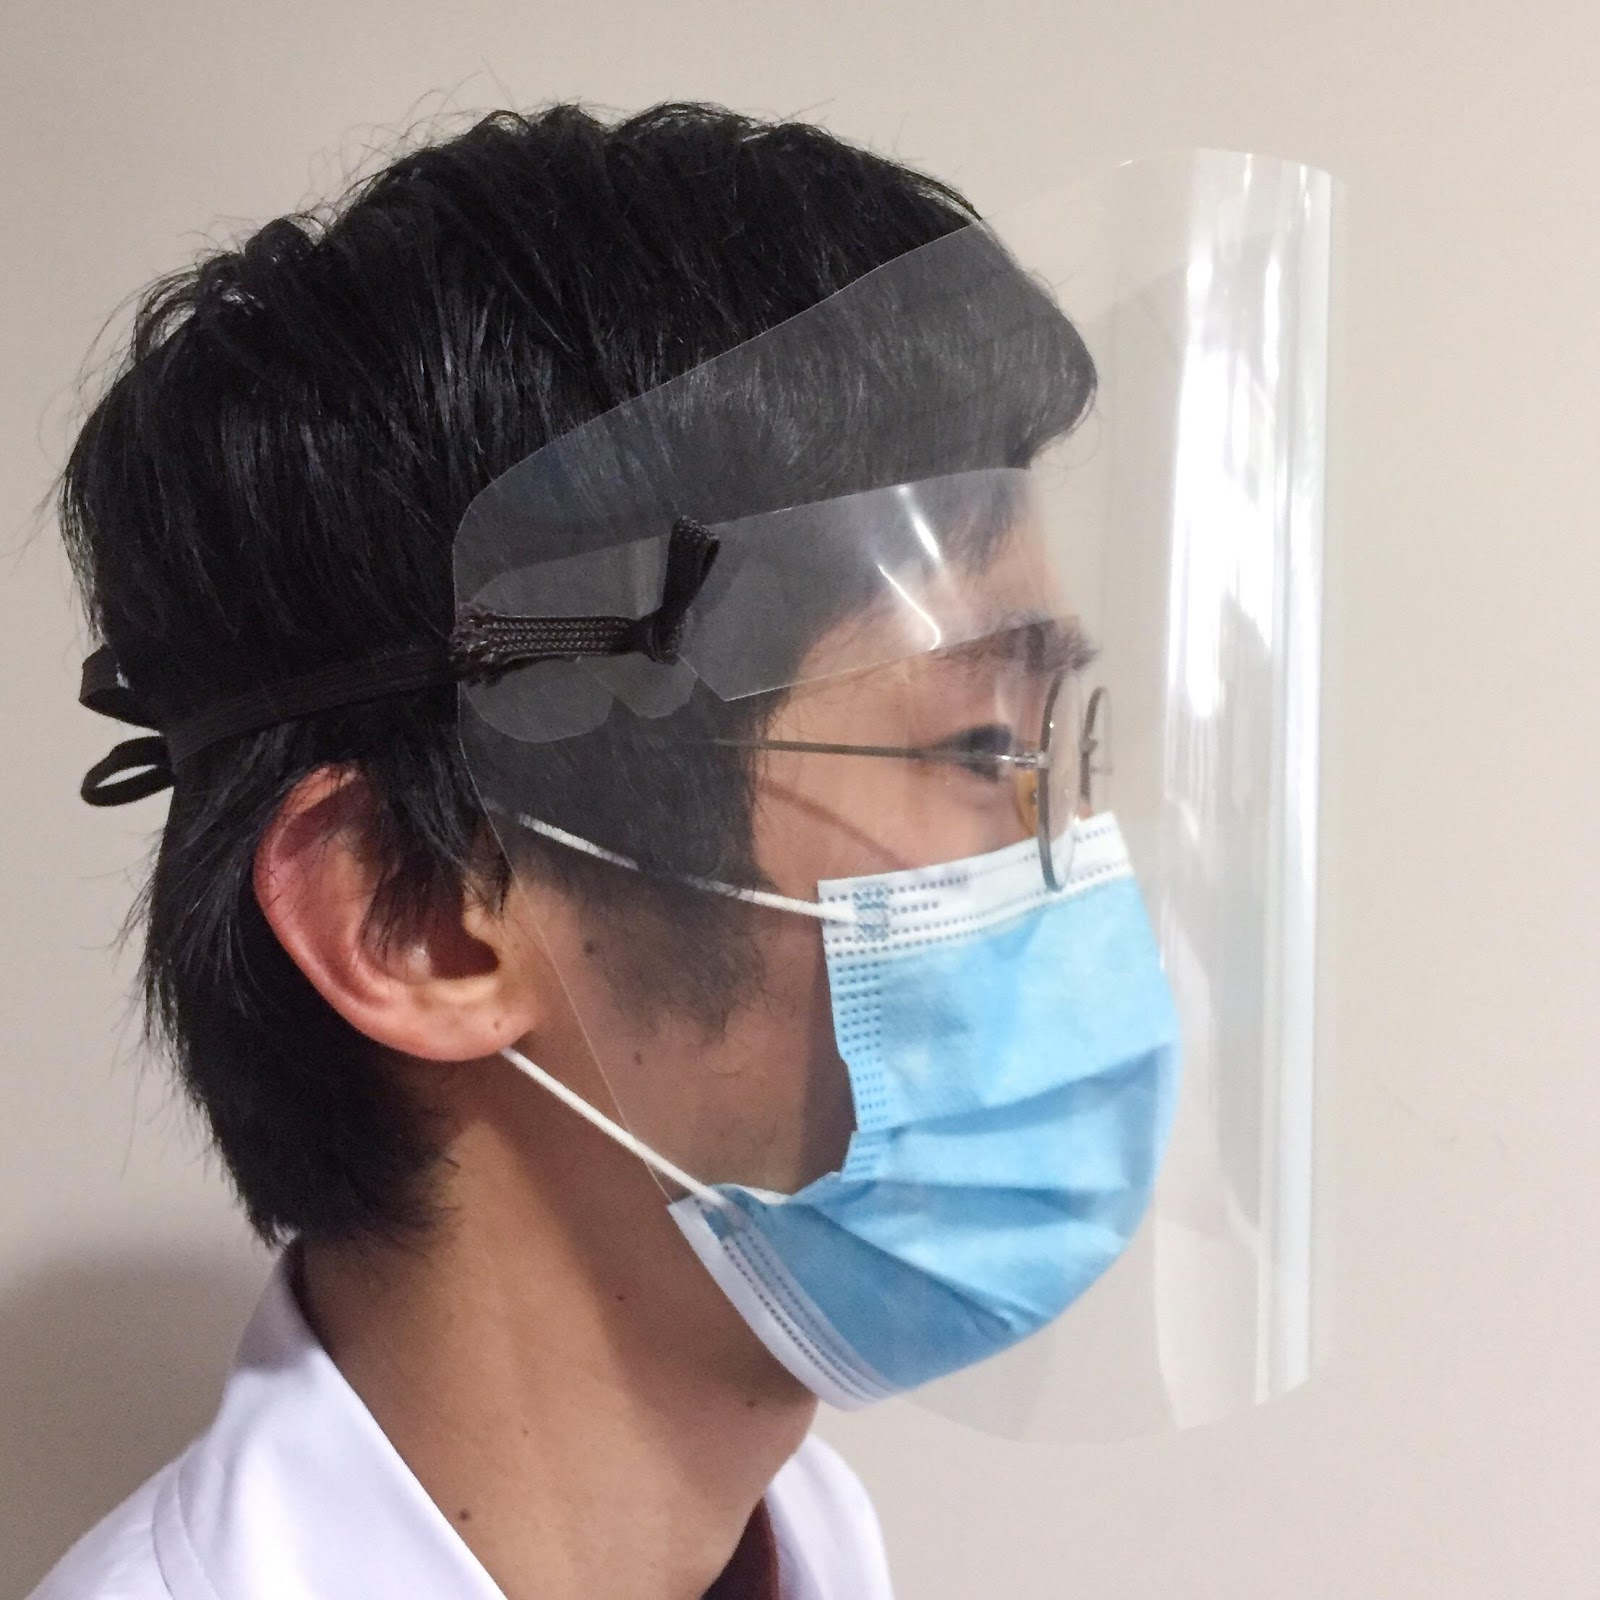 手作り フェイス シールド メガネの上から掛けれる自作フェイスシールドの作り方。